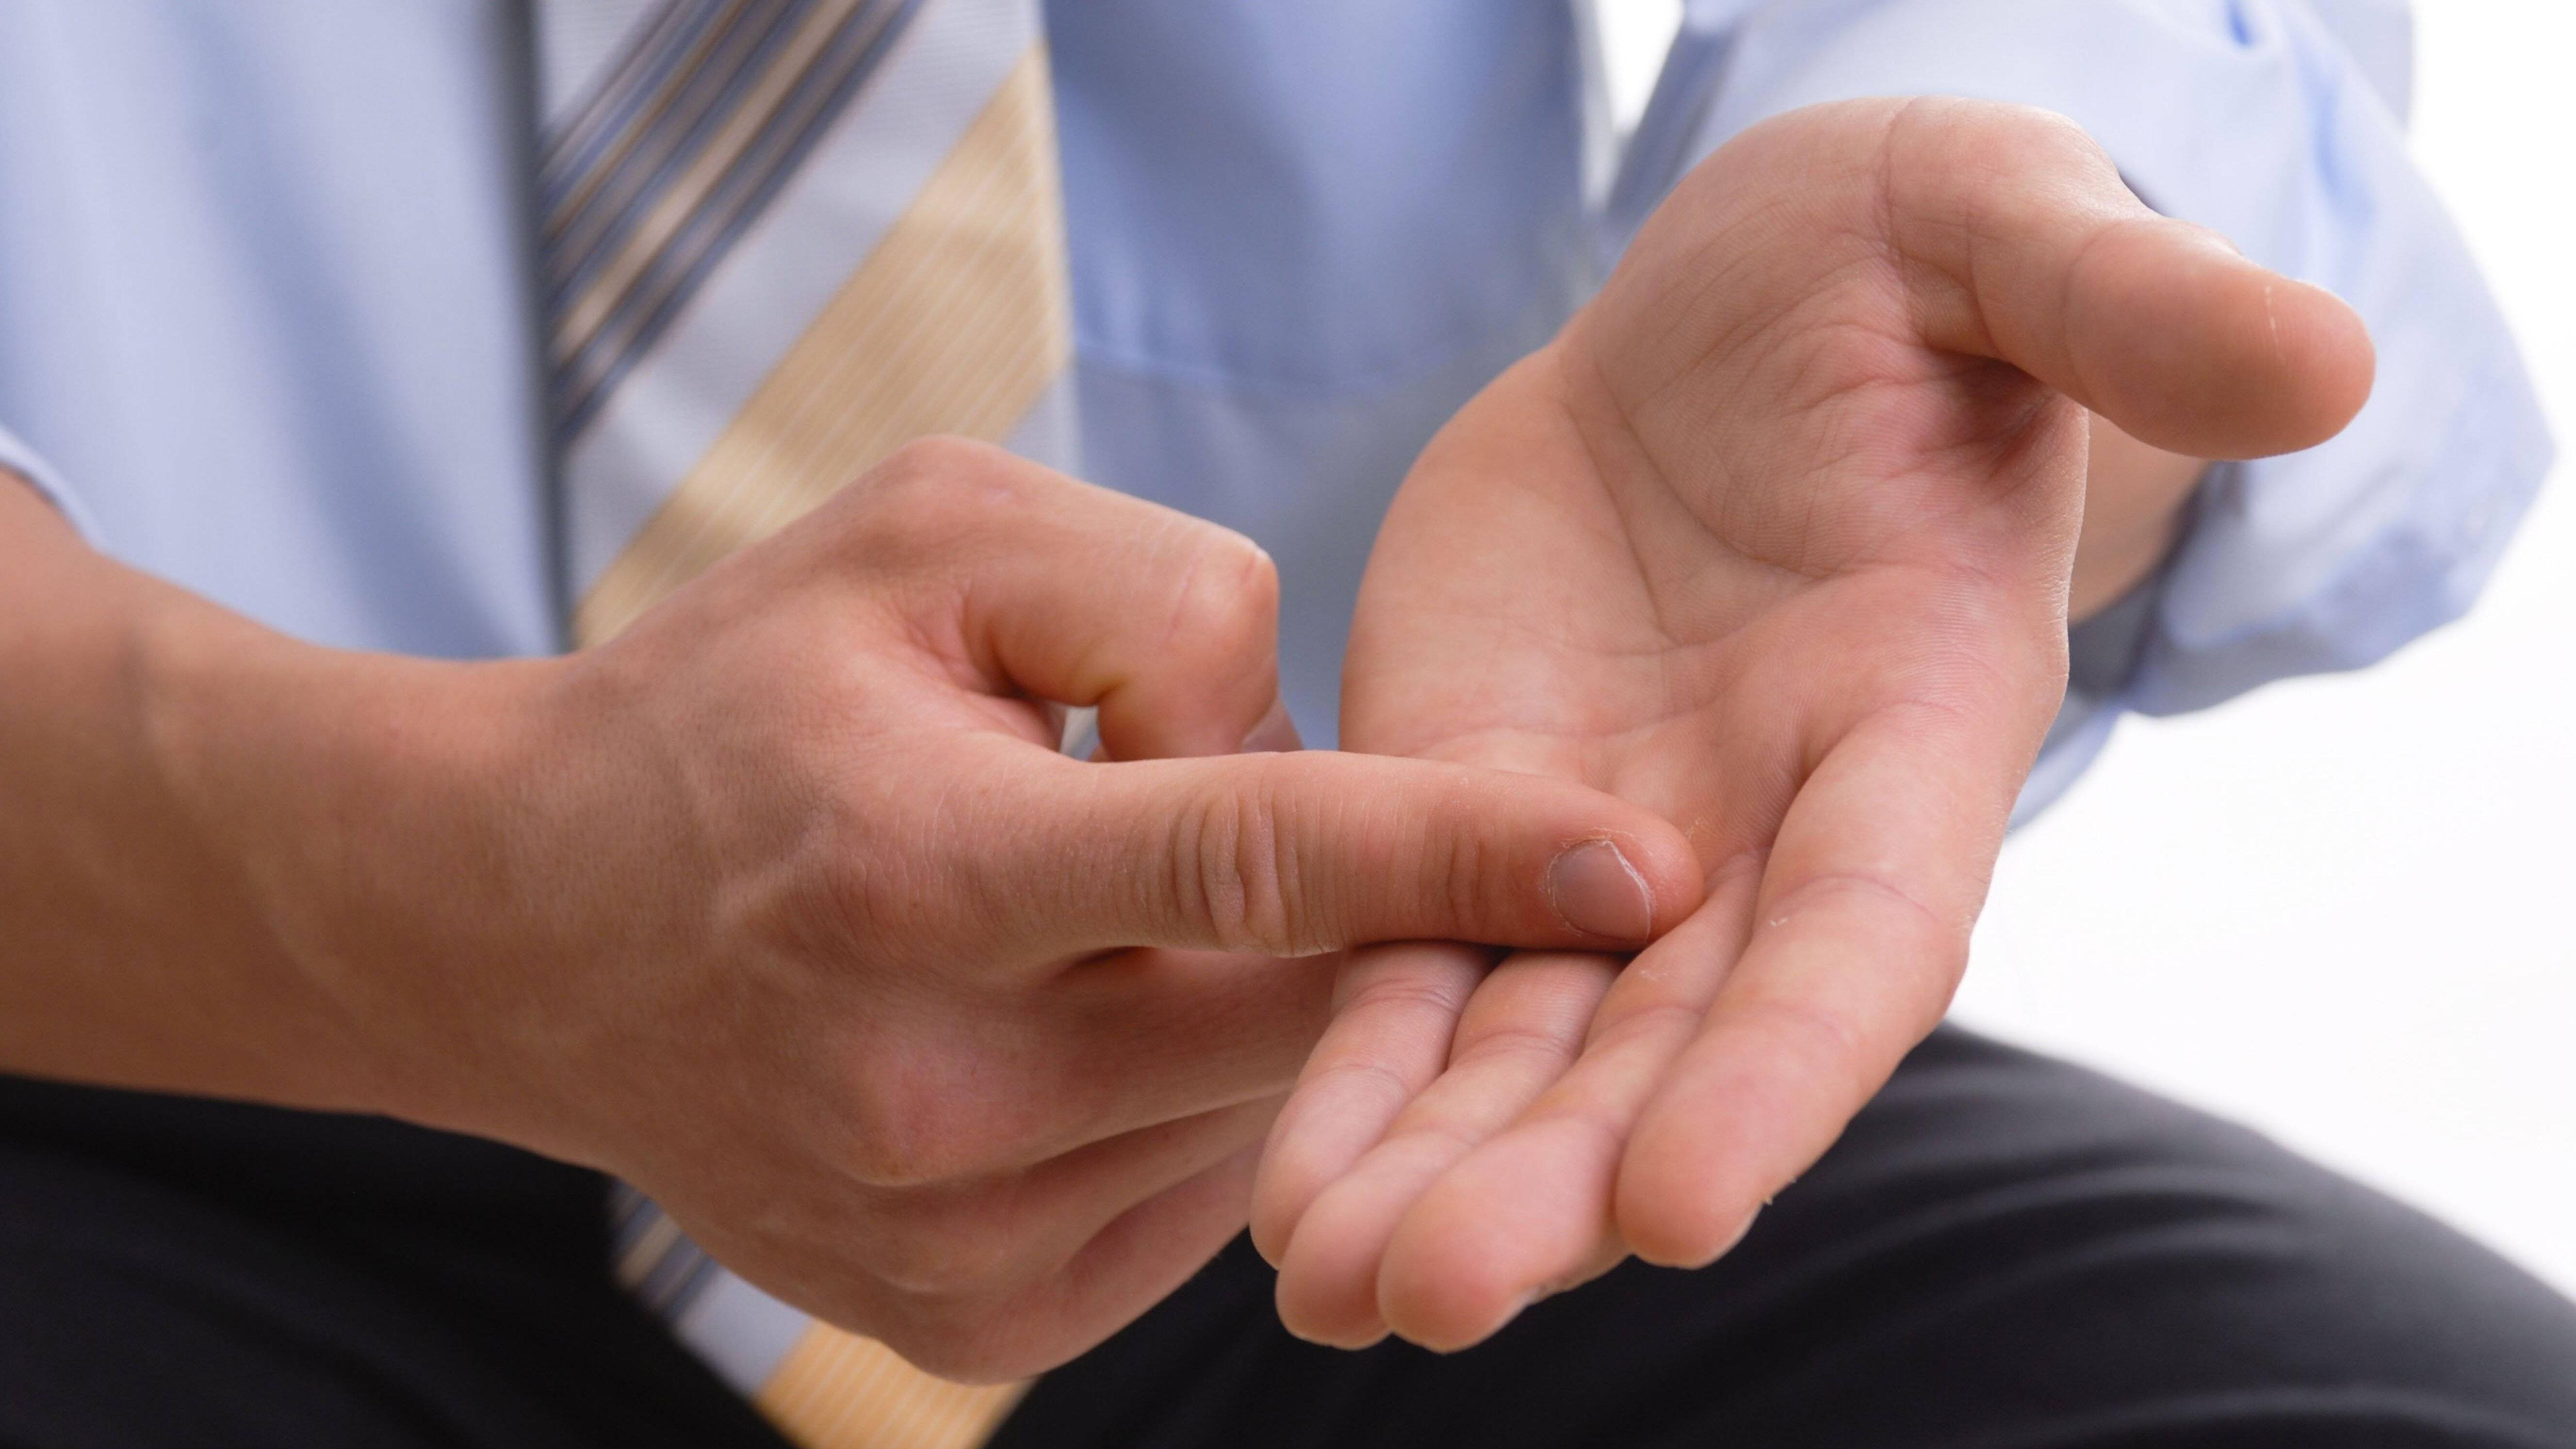 Ein Taubheitsgefühl in den Fingern hat verschiedene Gründe.